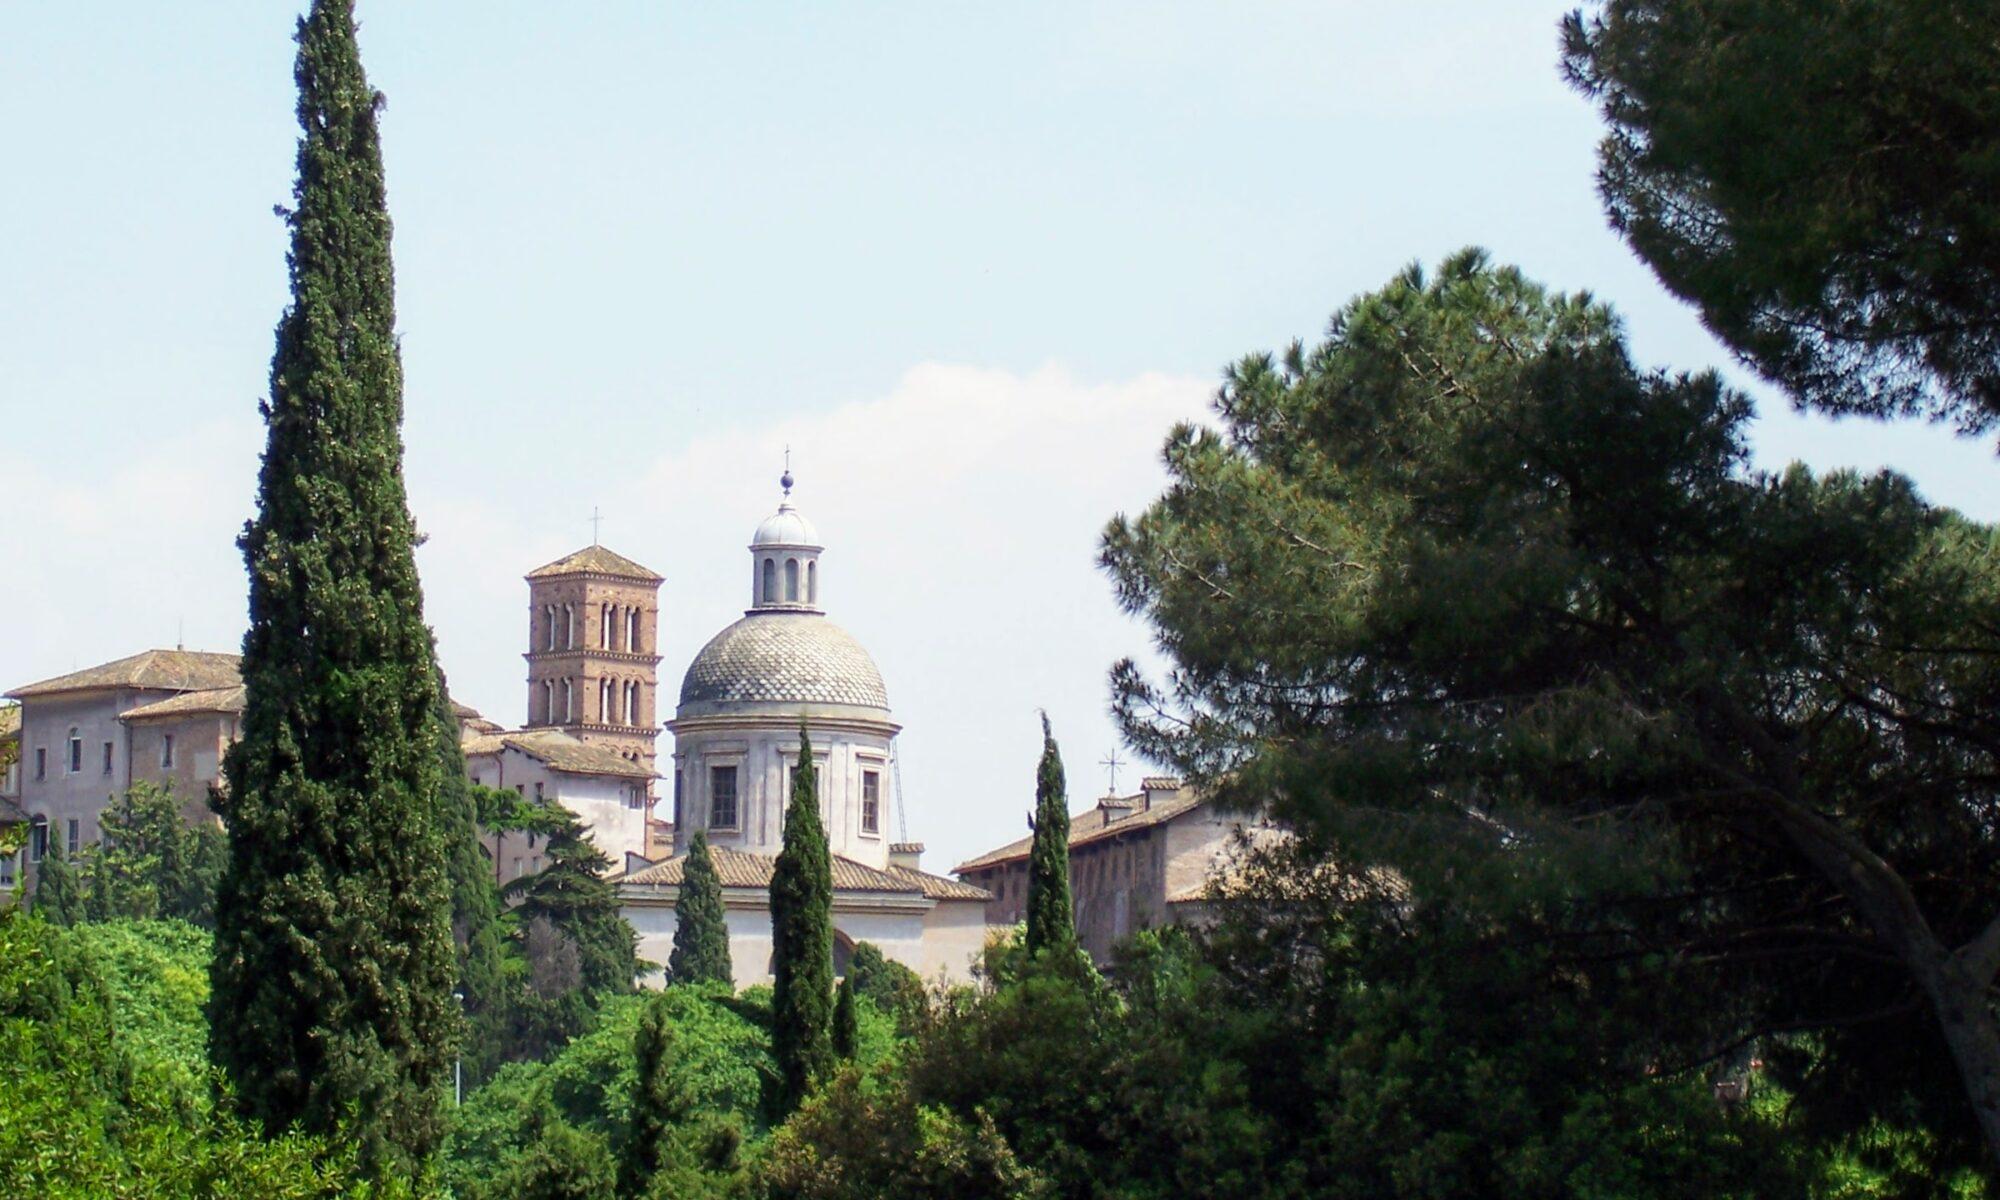 Roman buildings viewed above treeline.